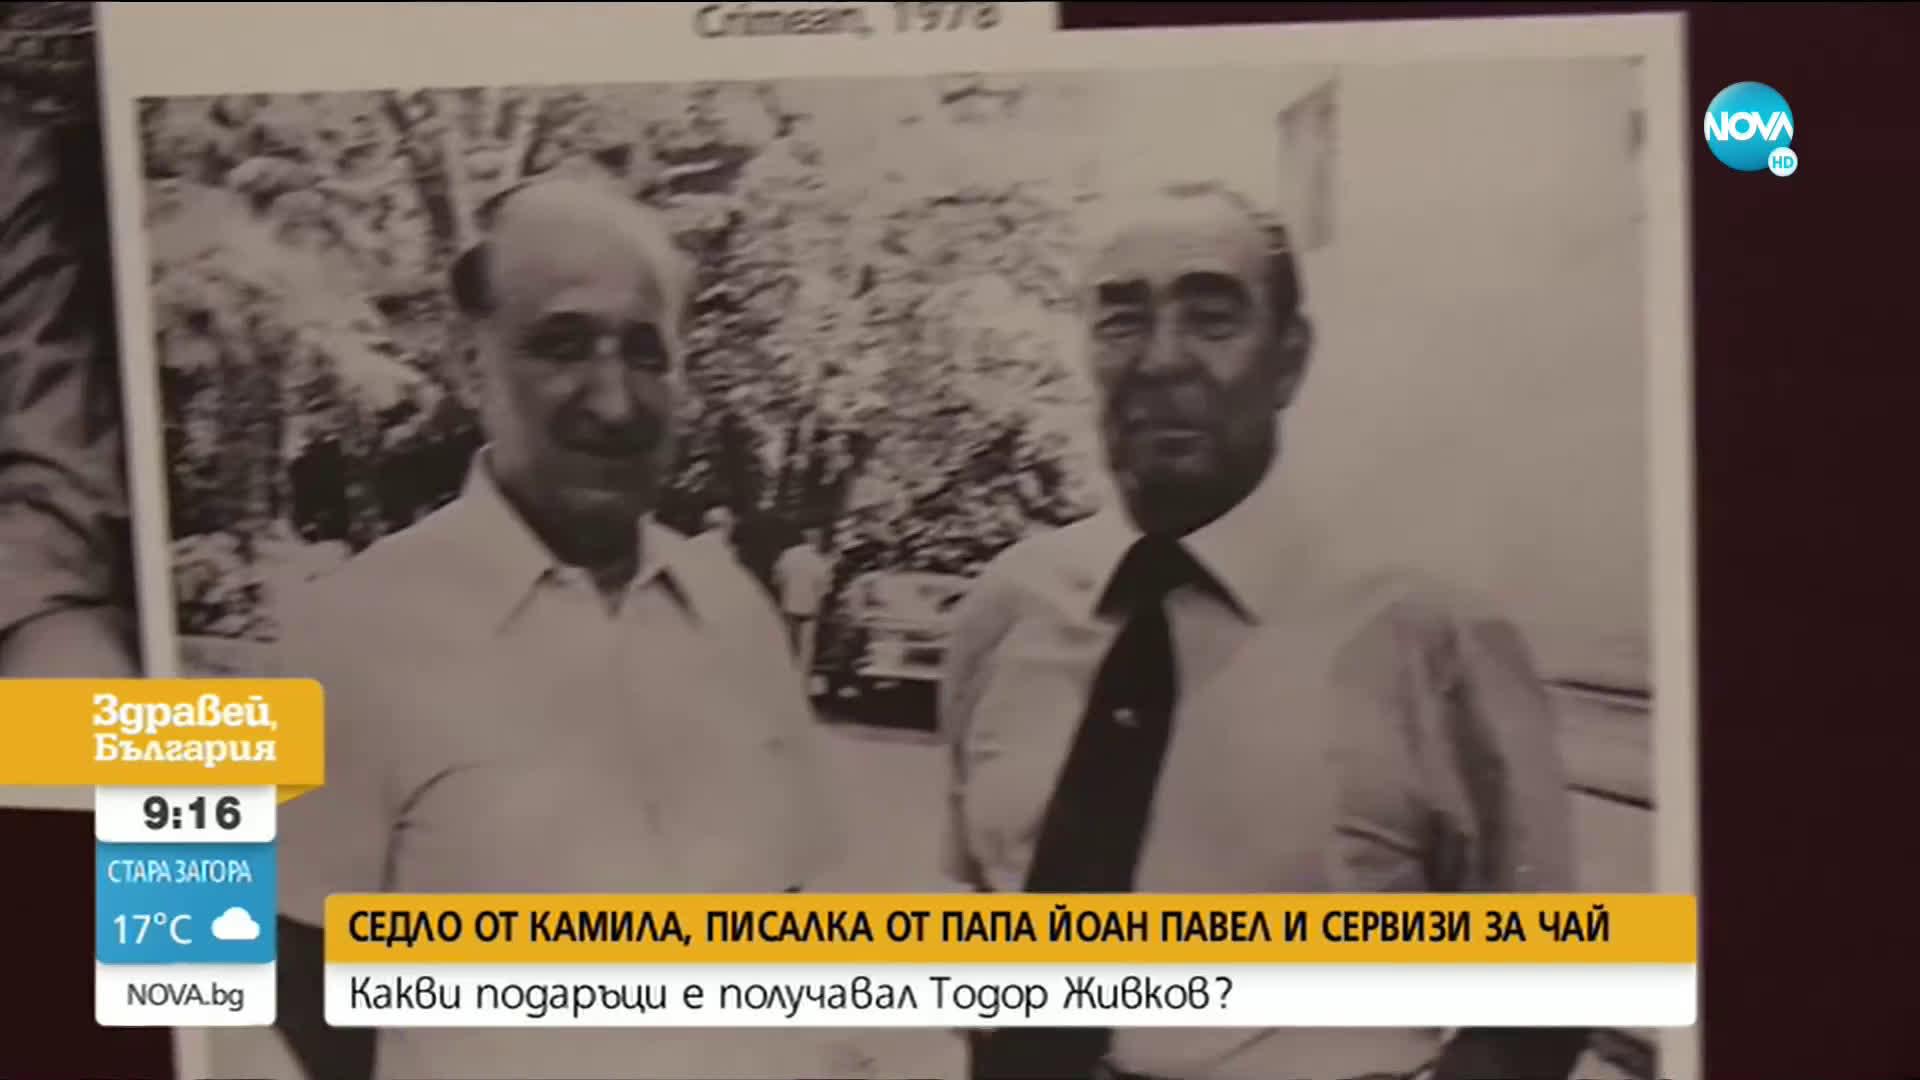 СЕДЛО ЗА КАМИЛА И СЕРВИЗИ ЗА ЧАЙ: Какви подаръци е получавал Тодор Живков